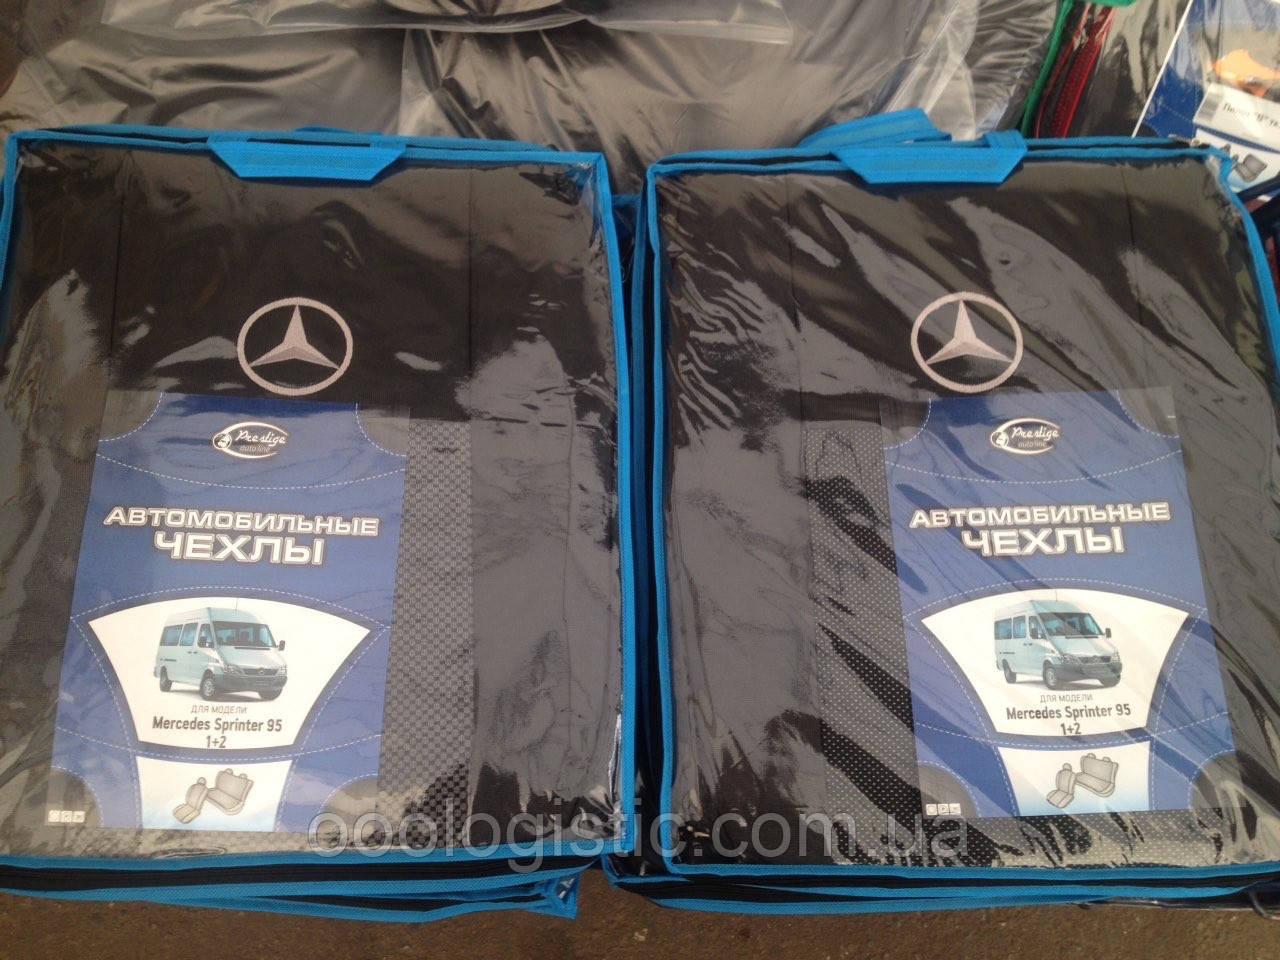 Авточехлы Prestige на Mercedes Sprinter 95 1+2 ,Мерседес Спринтер модельный комплект